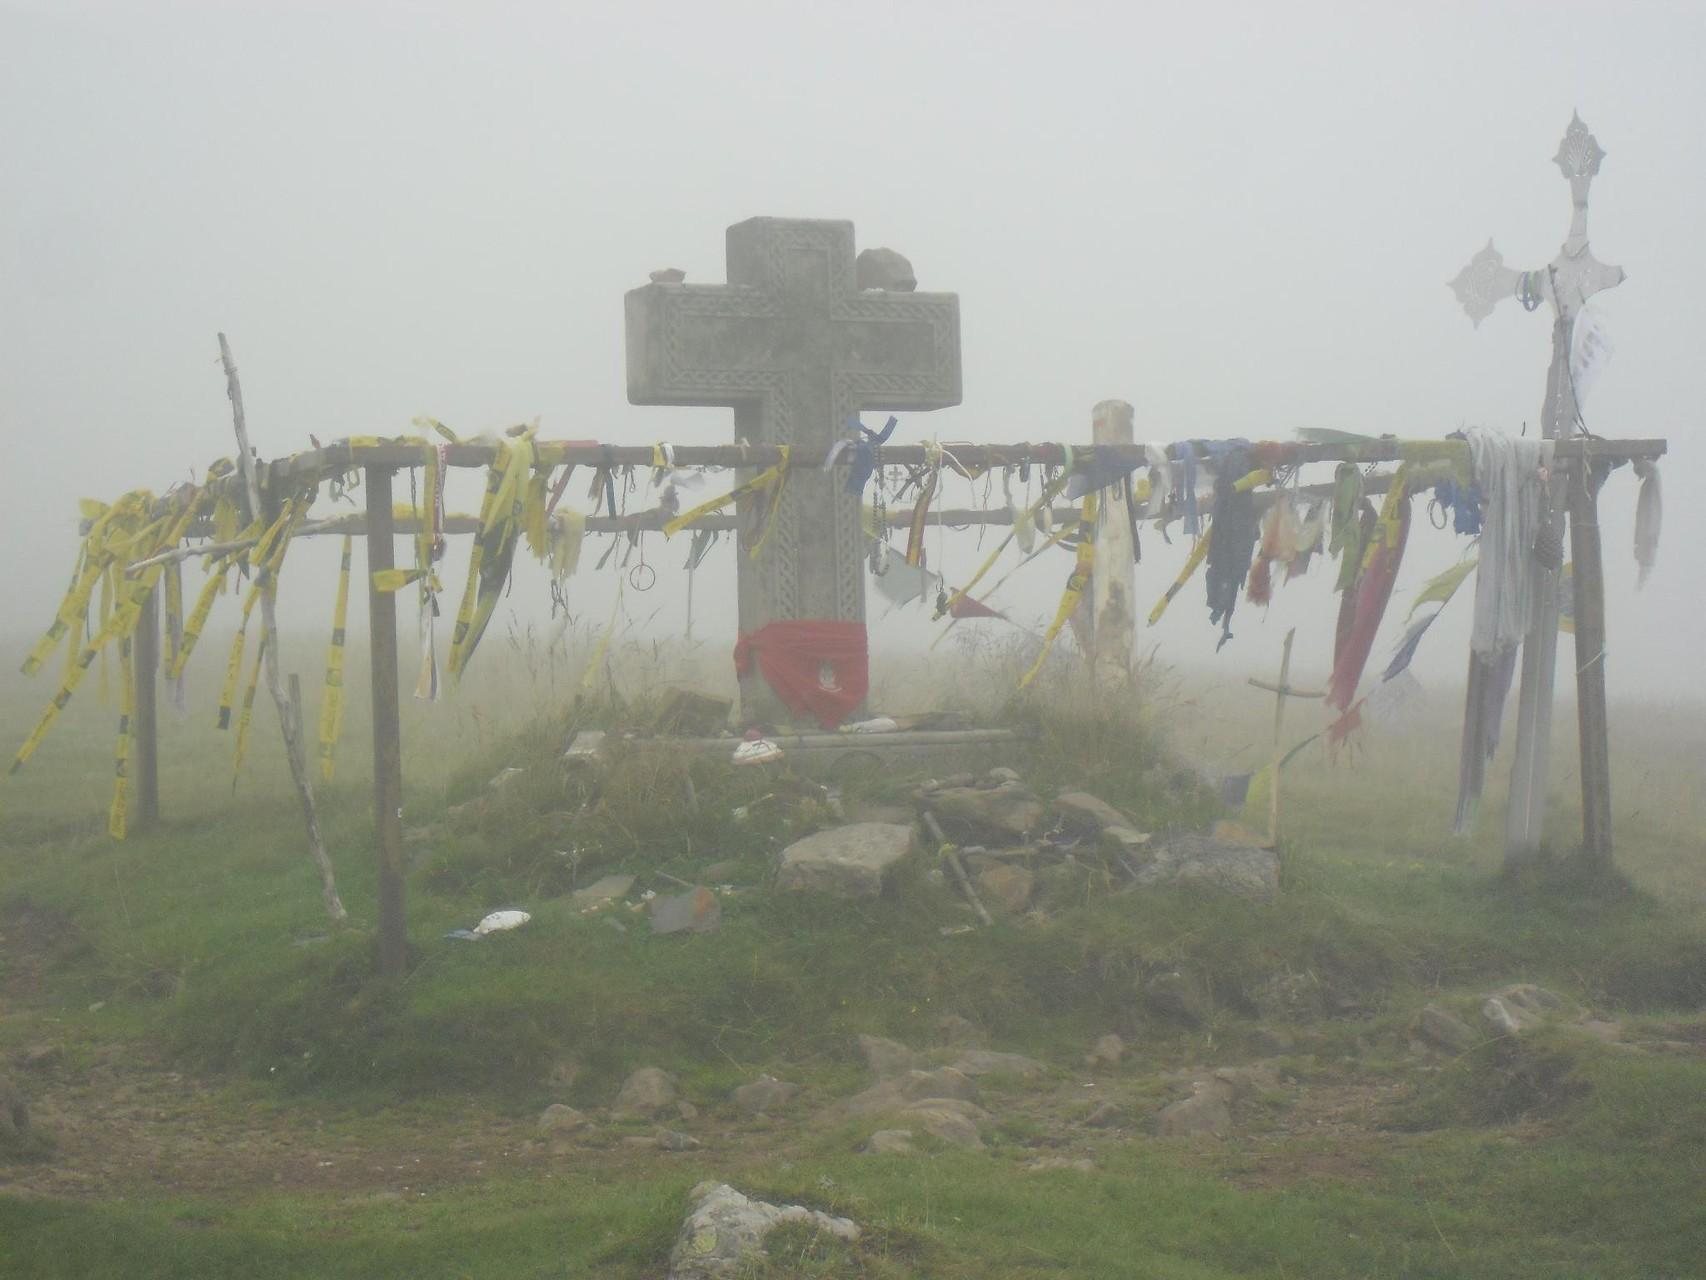 Une des nombreuses croix sur le chemin - col de roncevaux